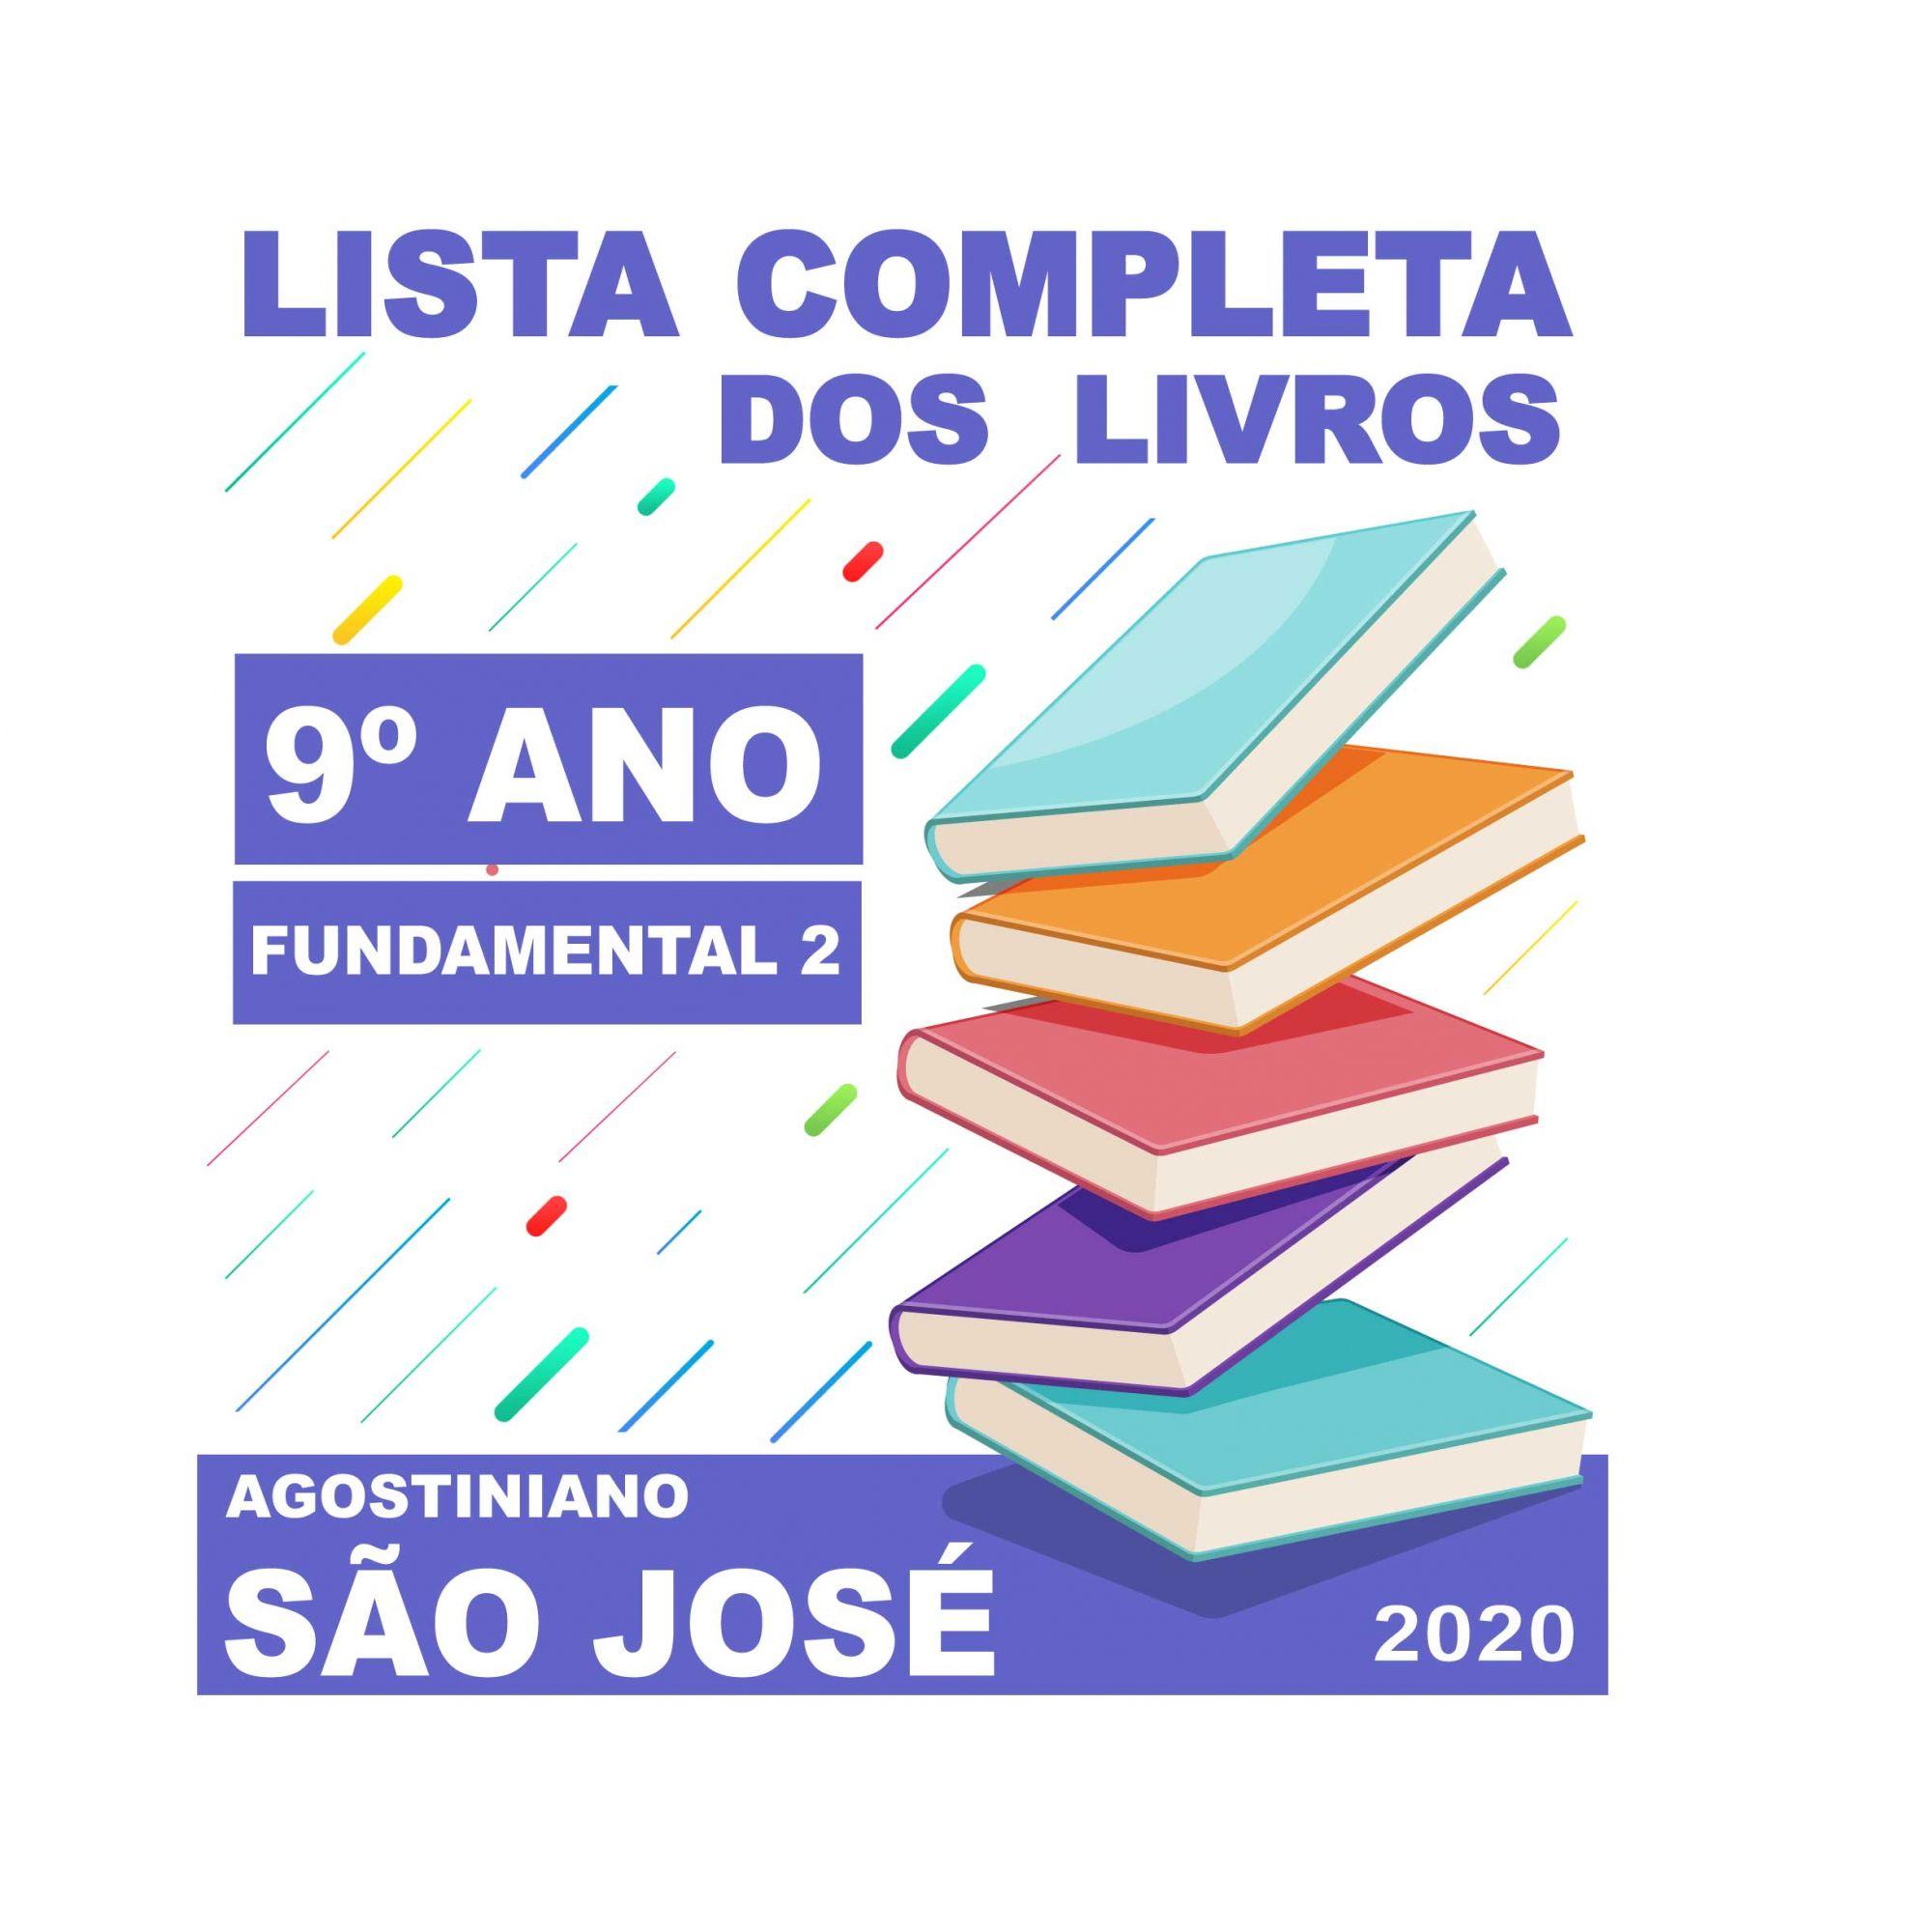 LISTA COMPLETA DE LIVROS 9º ANO - FUNDAMENTAL 2